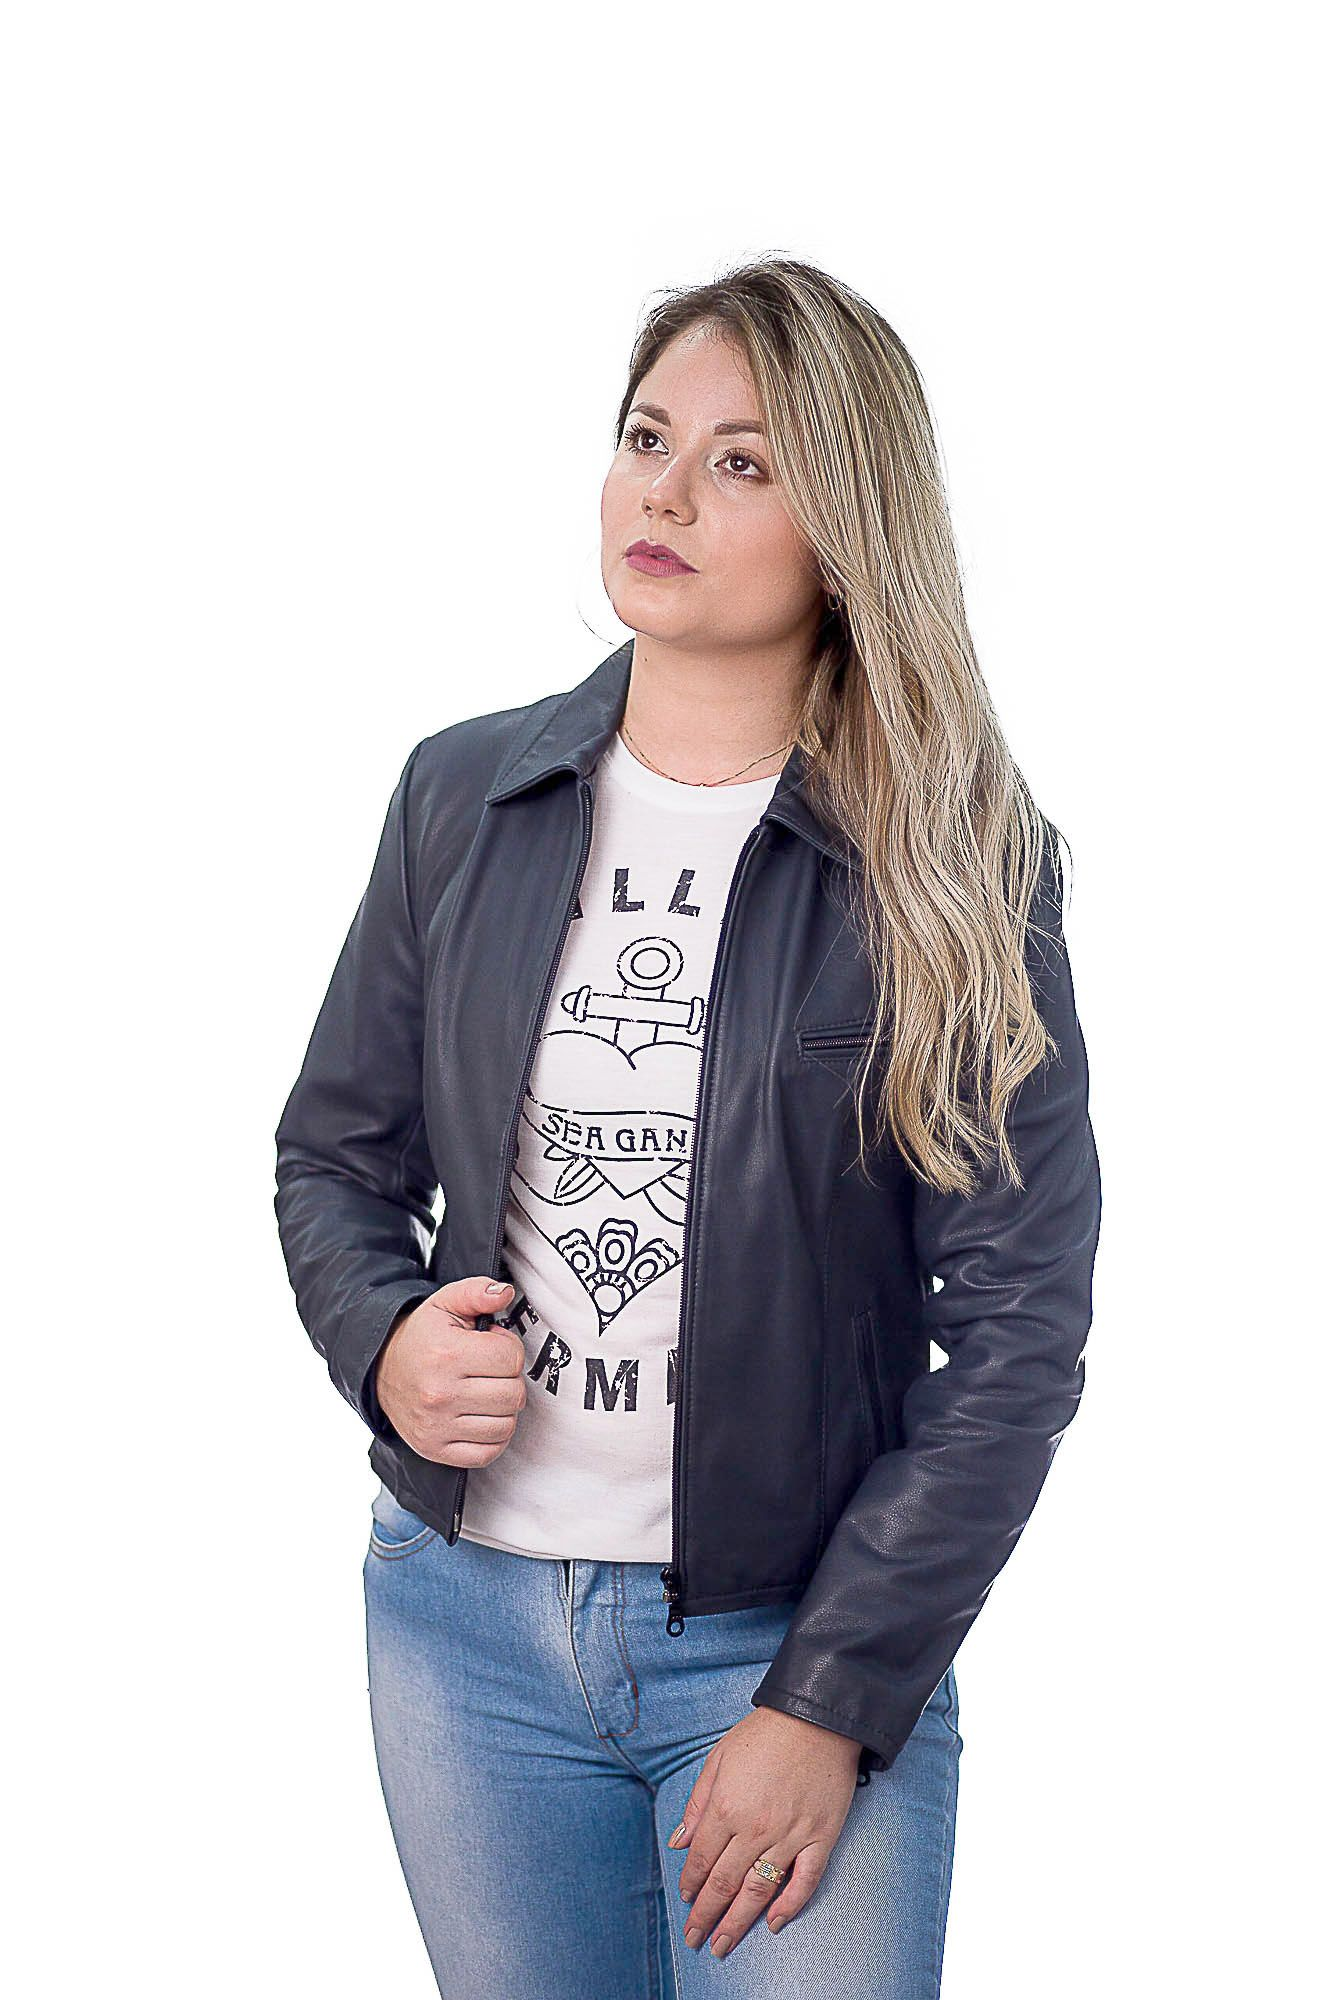 Jaqueta Feminina em Couro 9020 Ranger Marinho